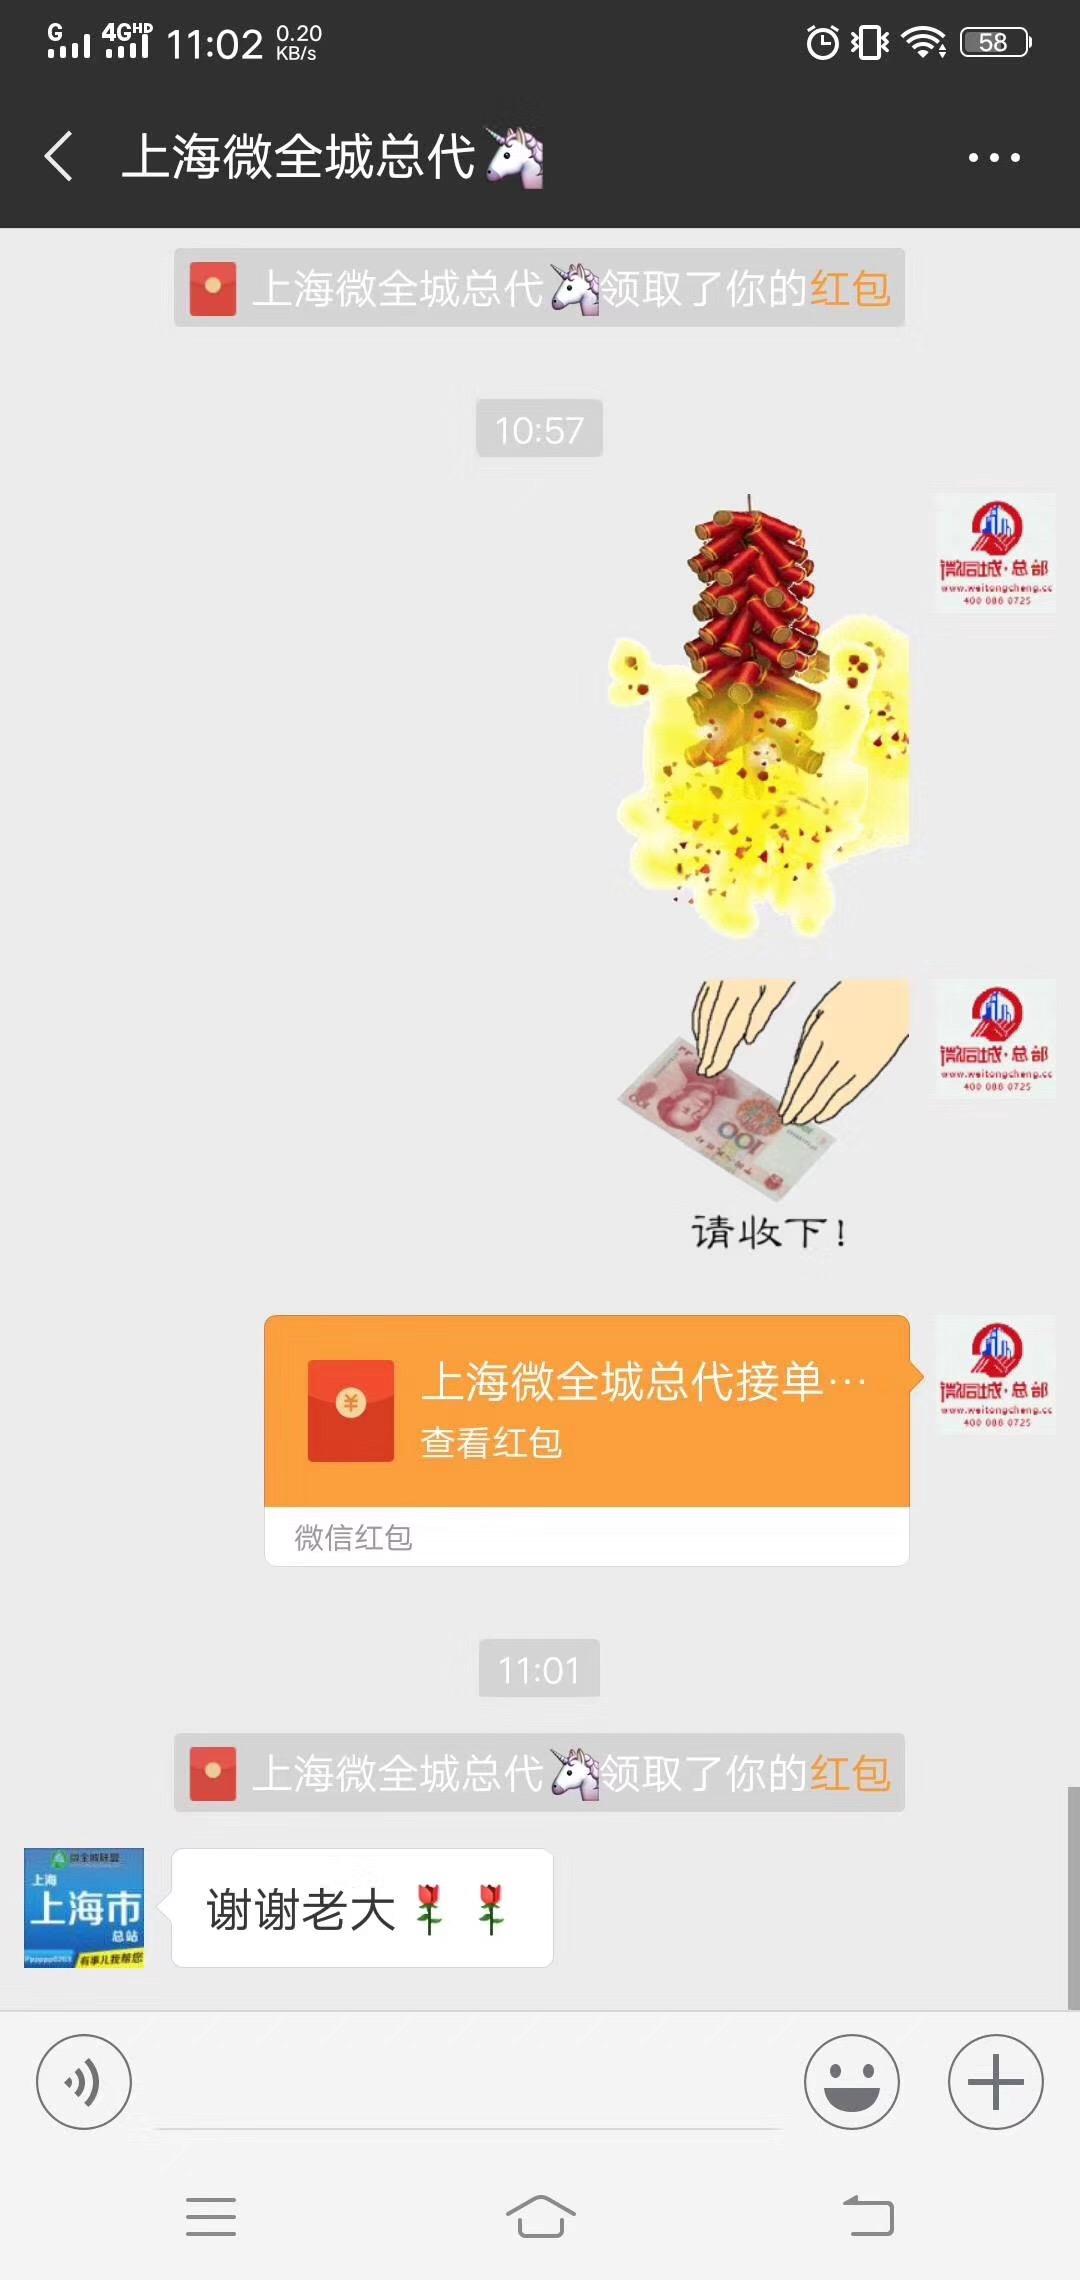 【赚152元】上海微全城微帮总代广告佣金